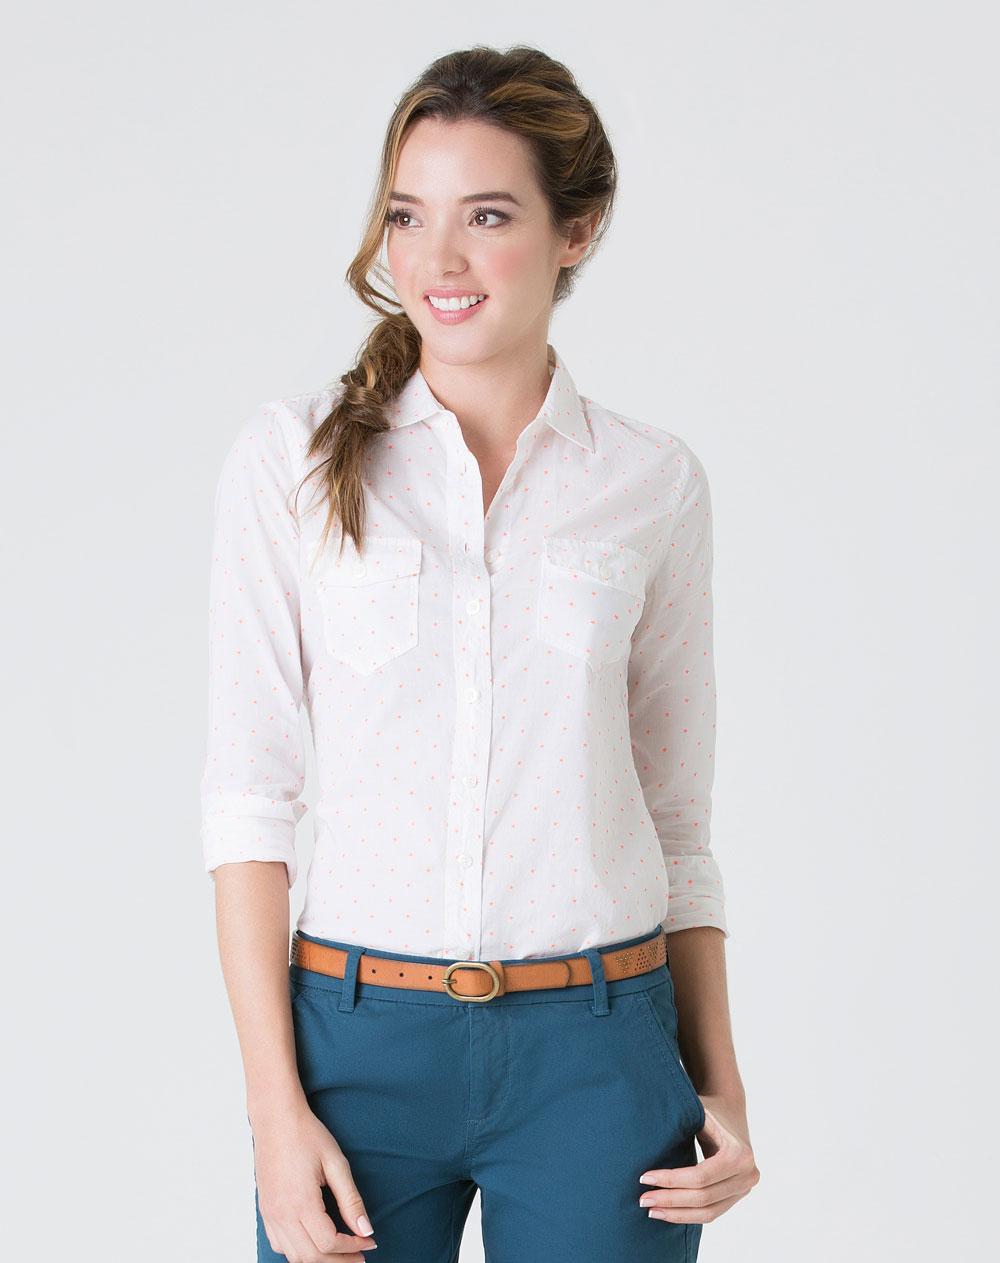 Camisetas y tops para mujer. Las camisetas y los tops son piezas de ropa básicas que nunca pueden faltar en nuestro armario. Estas prendas de ropa consiguen adaptarse, tanto a los cambios en las tendencias de moda, como a los diferentes gustos de cada mujer.